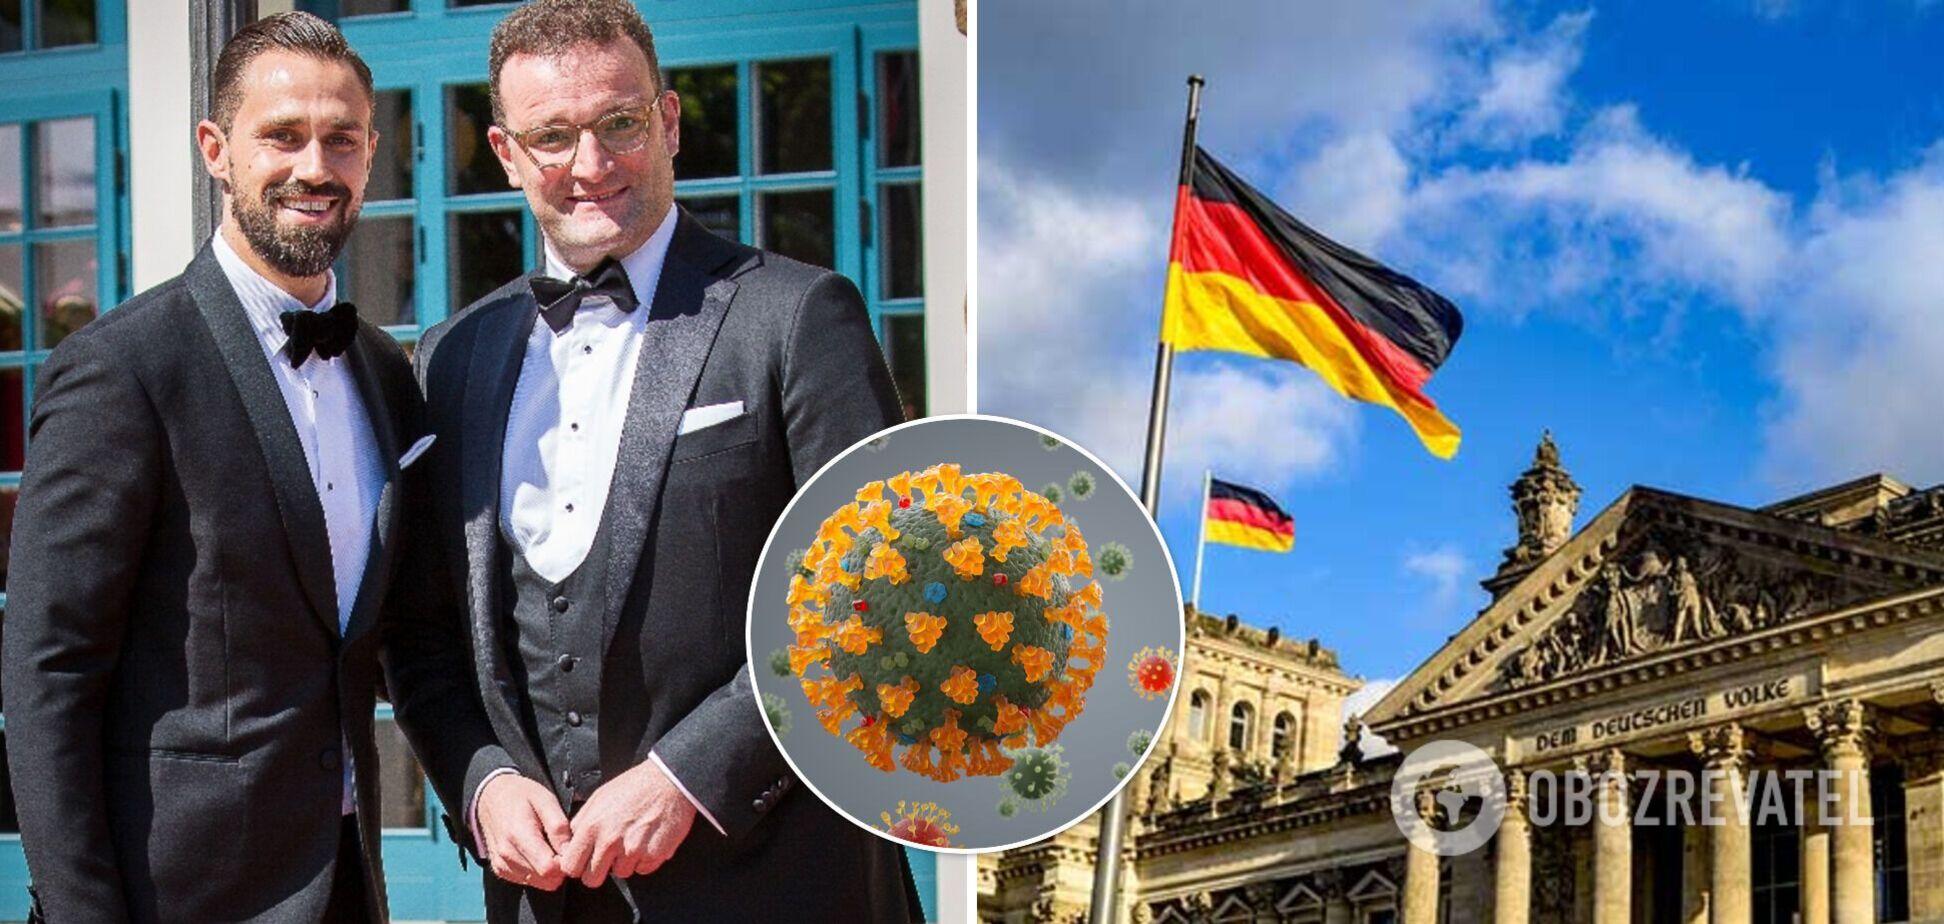 Главу Минздрава Германии и его мужа подозревают в коррупции при закупке масок: детали скандала